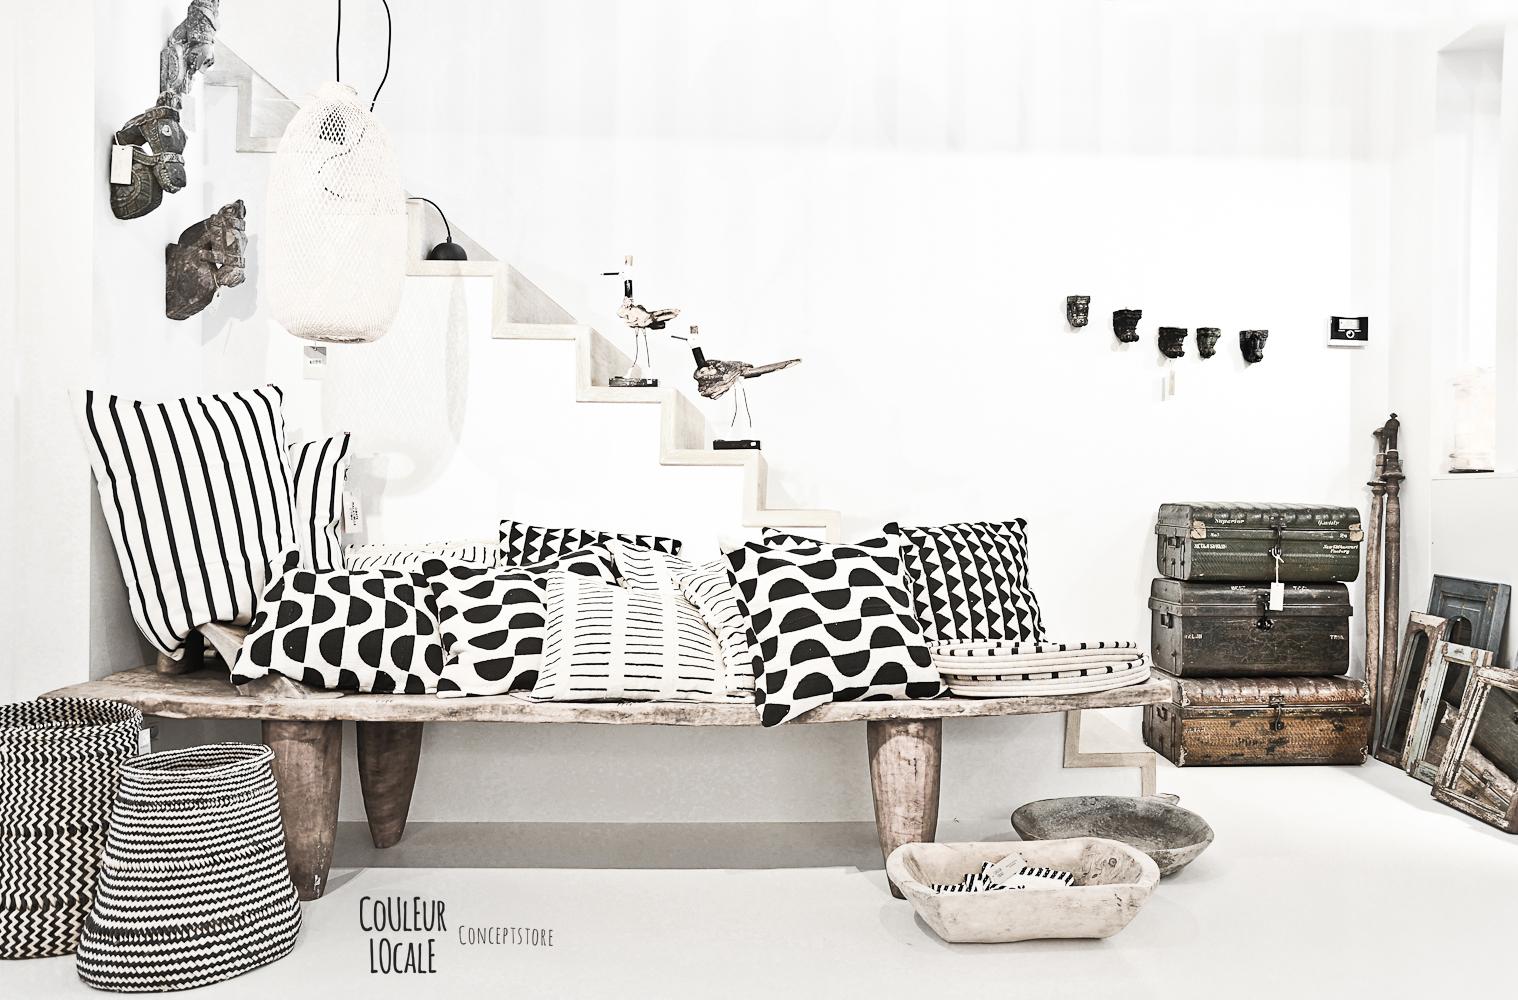 COULEUR LOCALE Concept store